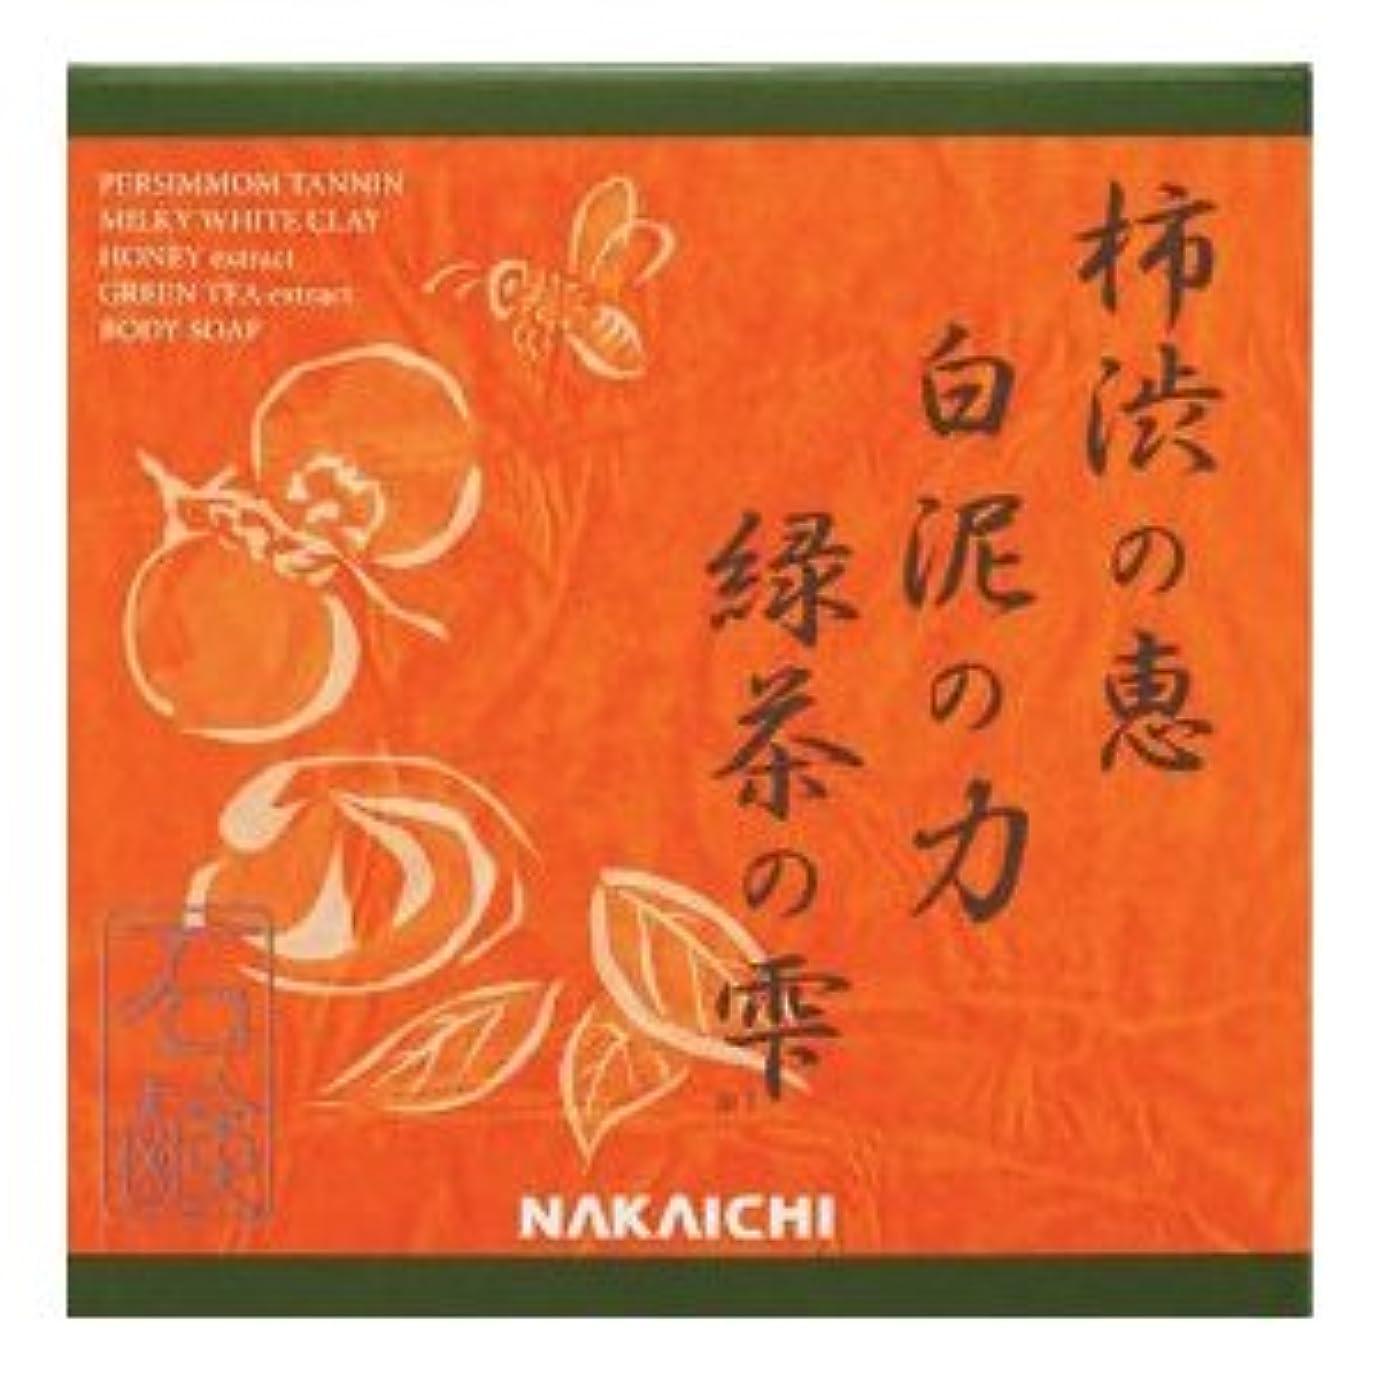 胴体黄ばむあそこ柿渋の恵み?白泥の力?緑茶の雫  Nakaichi クリアボディーソープ  100g  (化粧品)